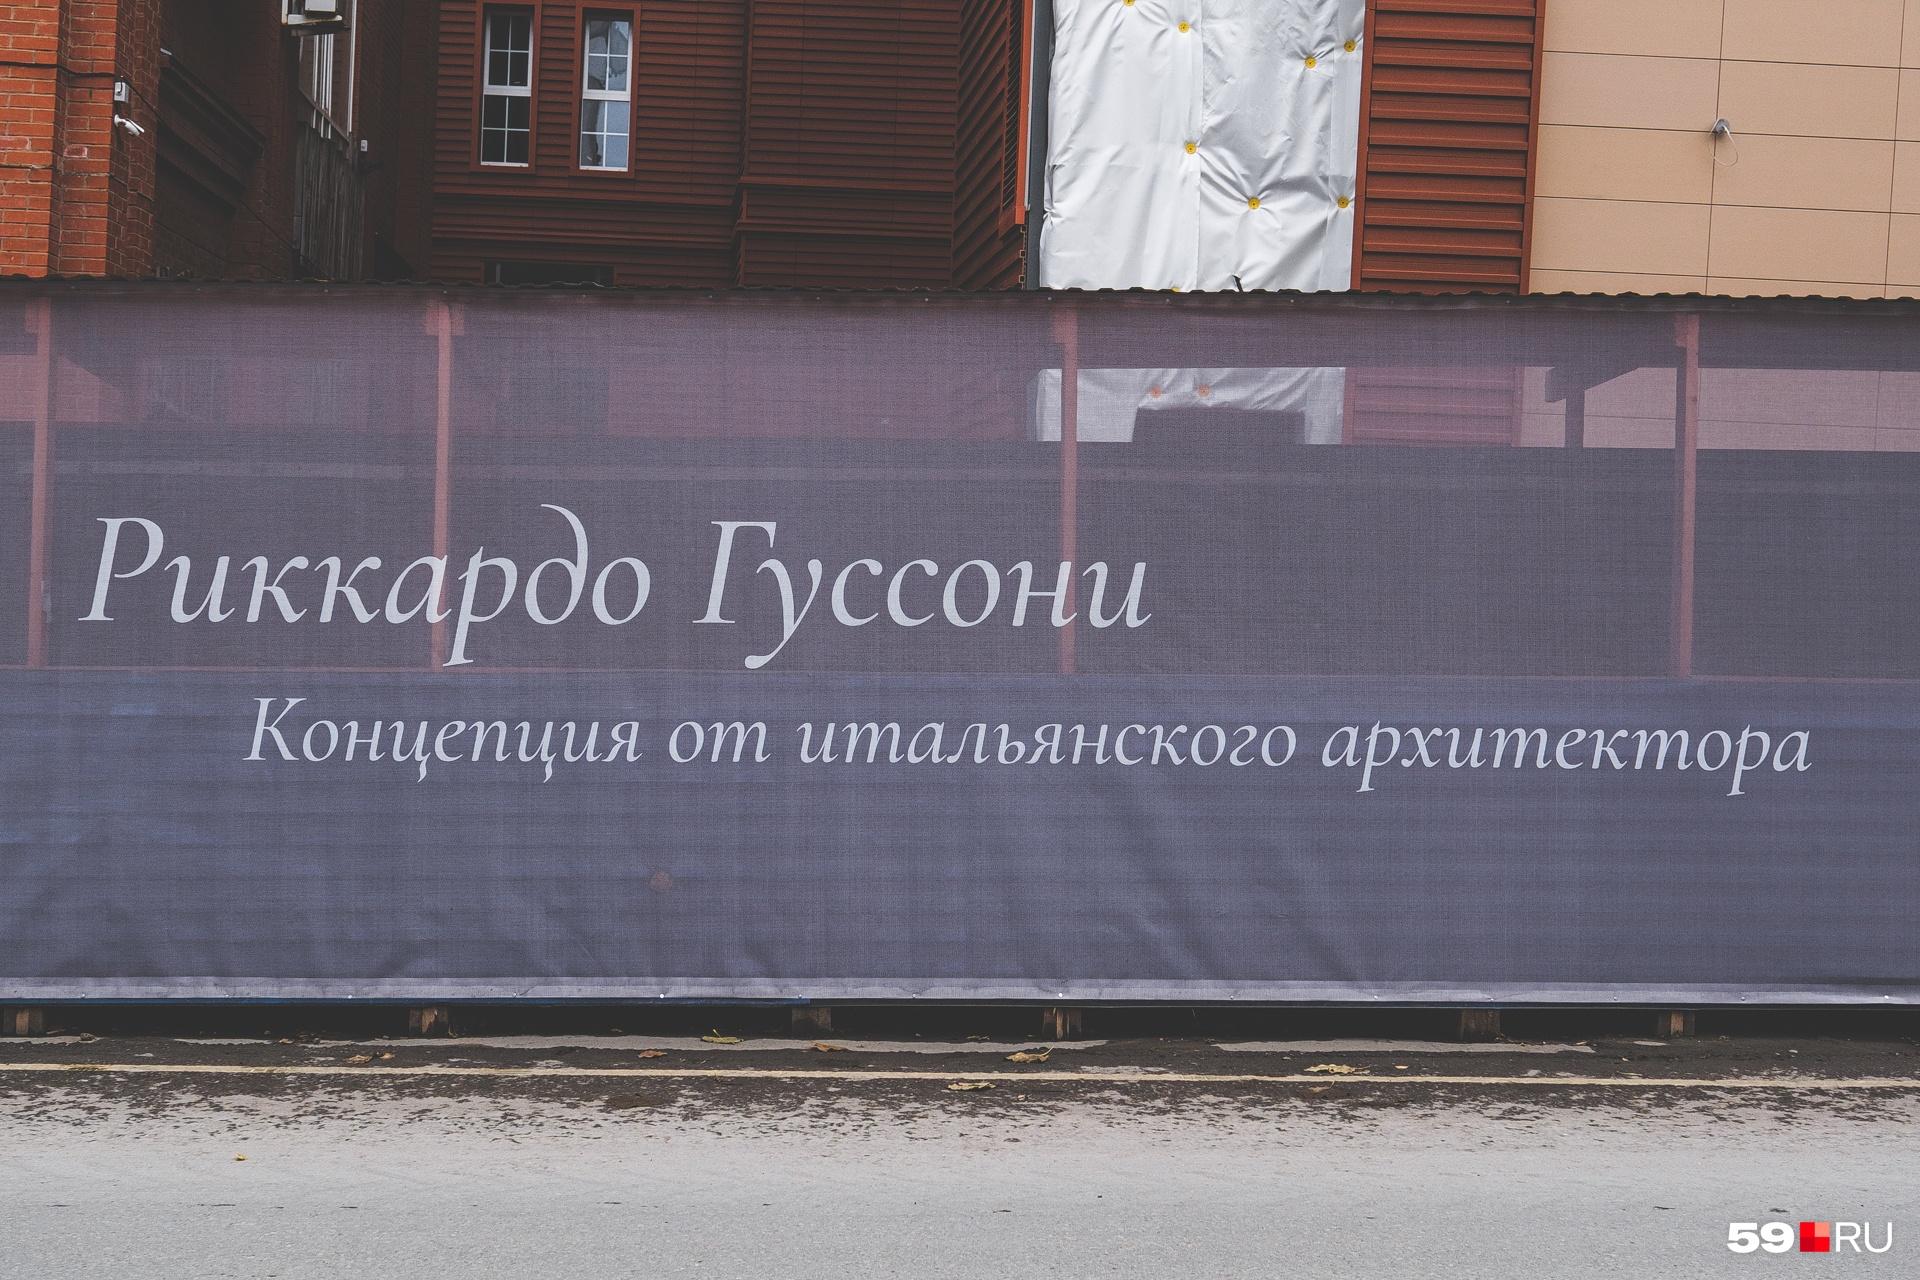 В рекламе, расположенной перед зданием, сказано, что концепцию разработал итальянец Риккардо Гуссони